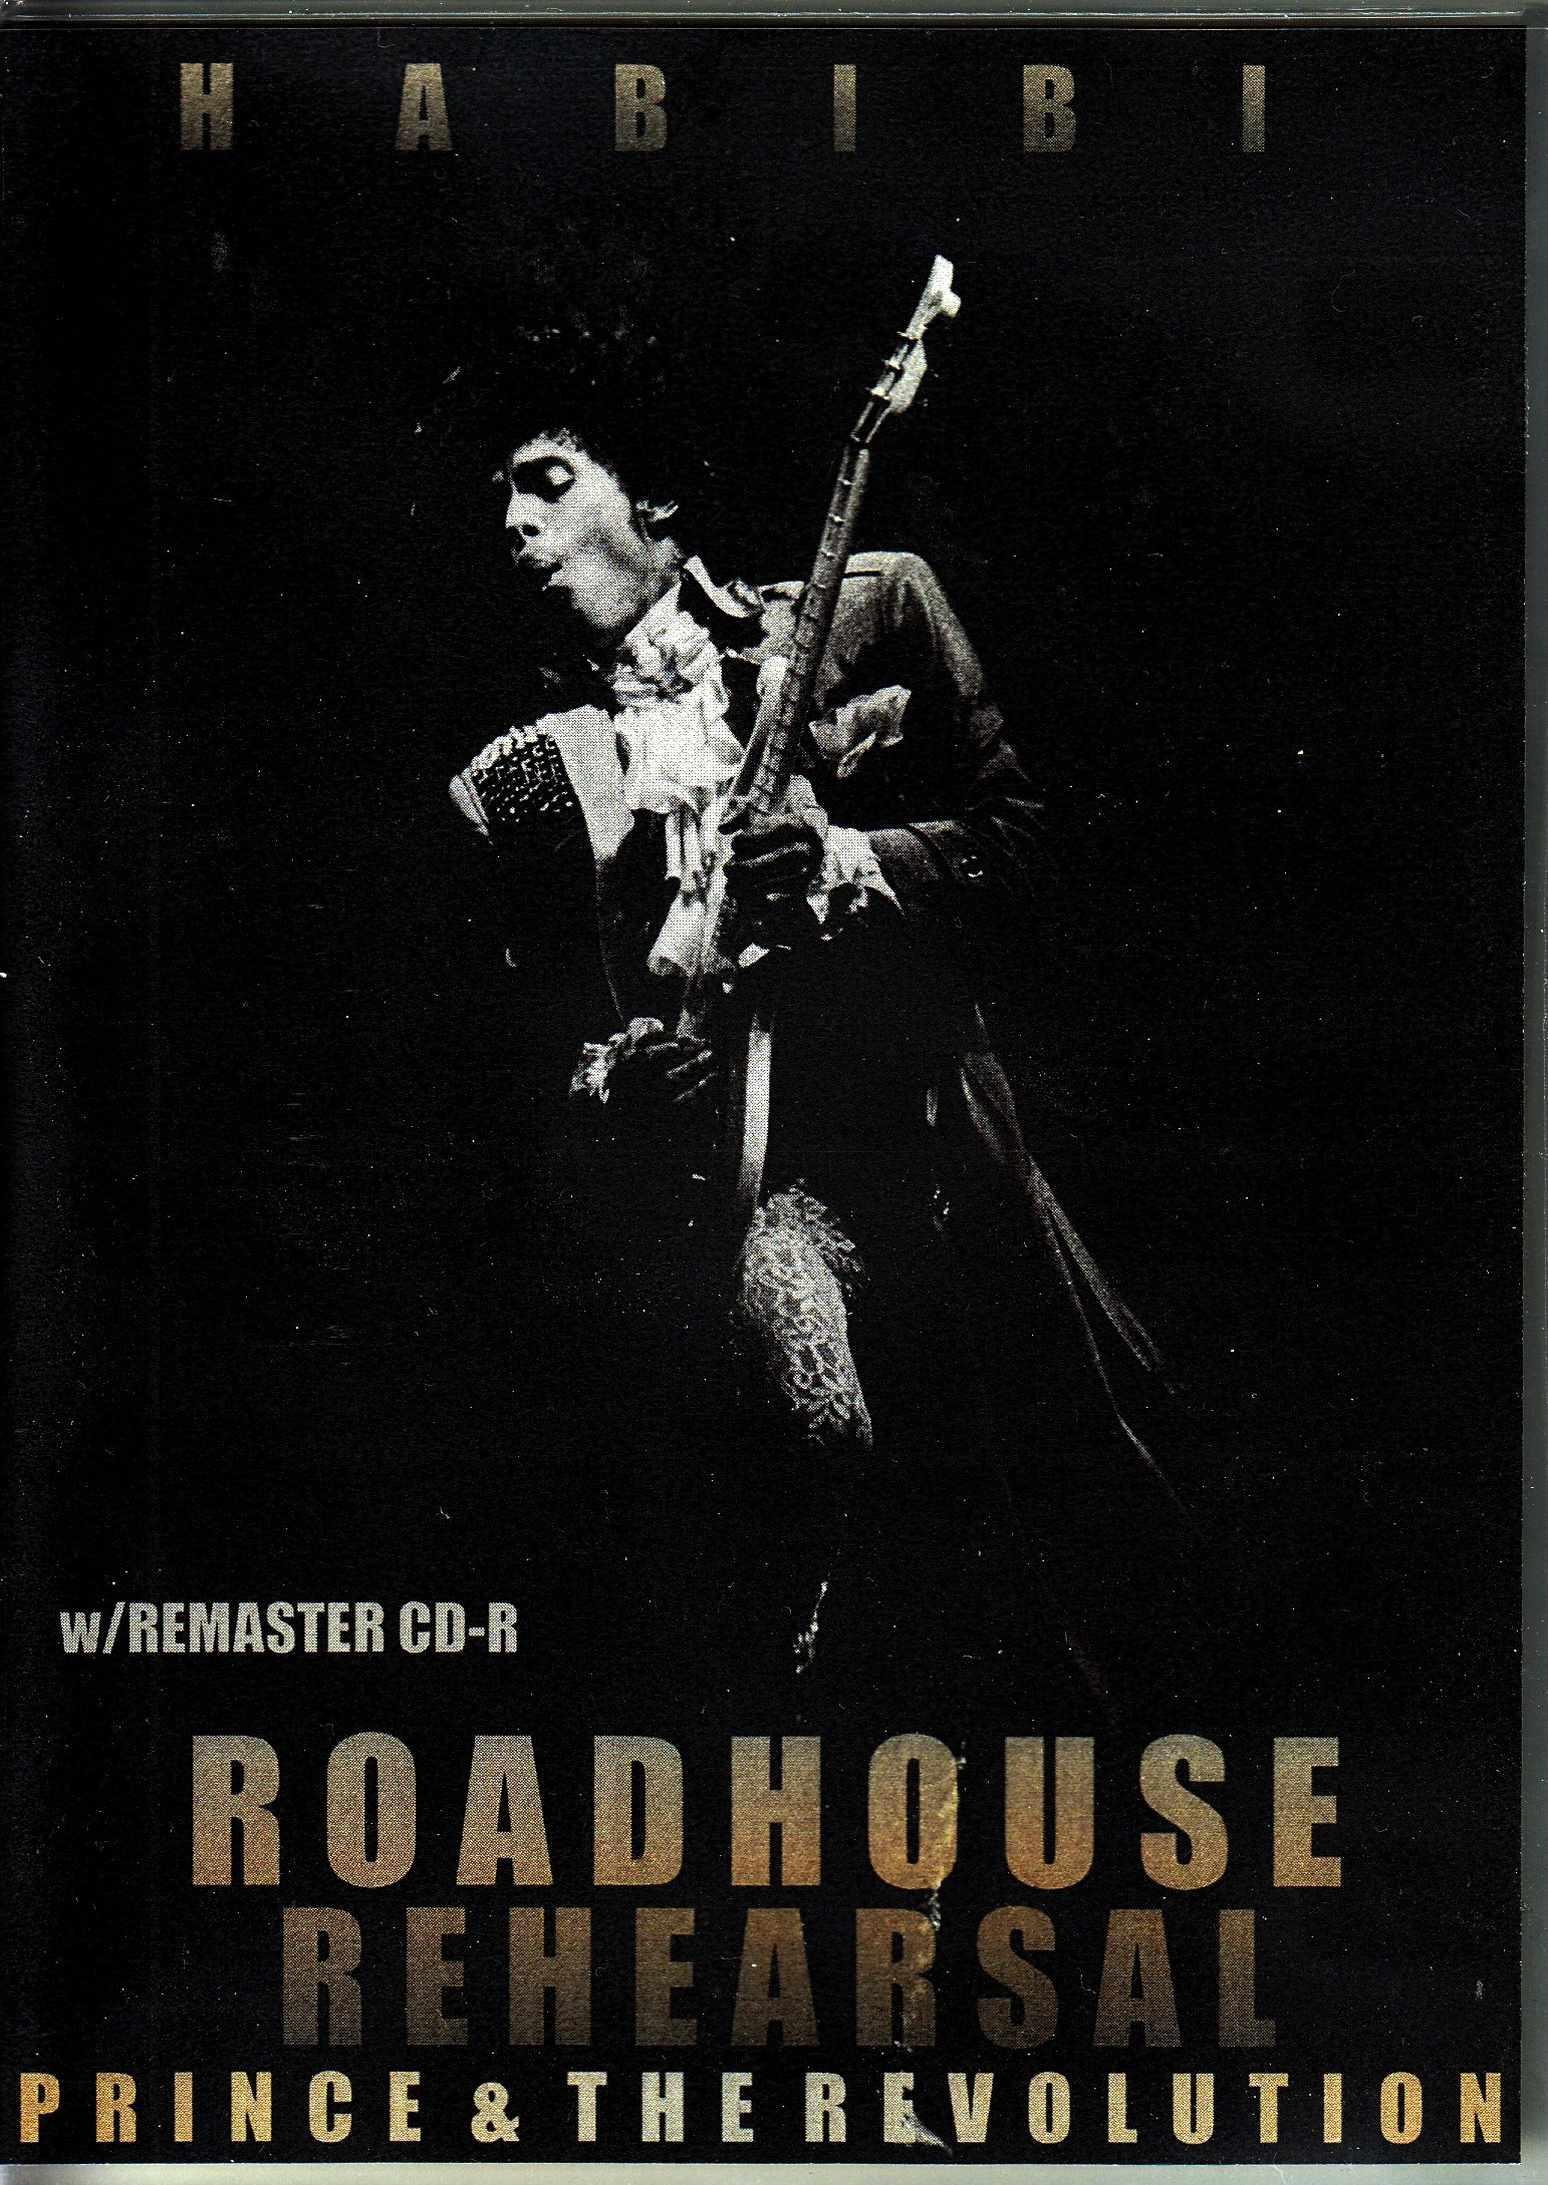 Prince & the Revolution プリンス/ワシントンの倉庫での誕生日ライブリハーサル 1984年 WA,USA 1984 Rehearsals V & S